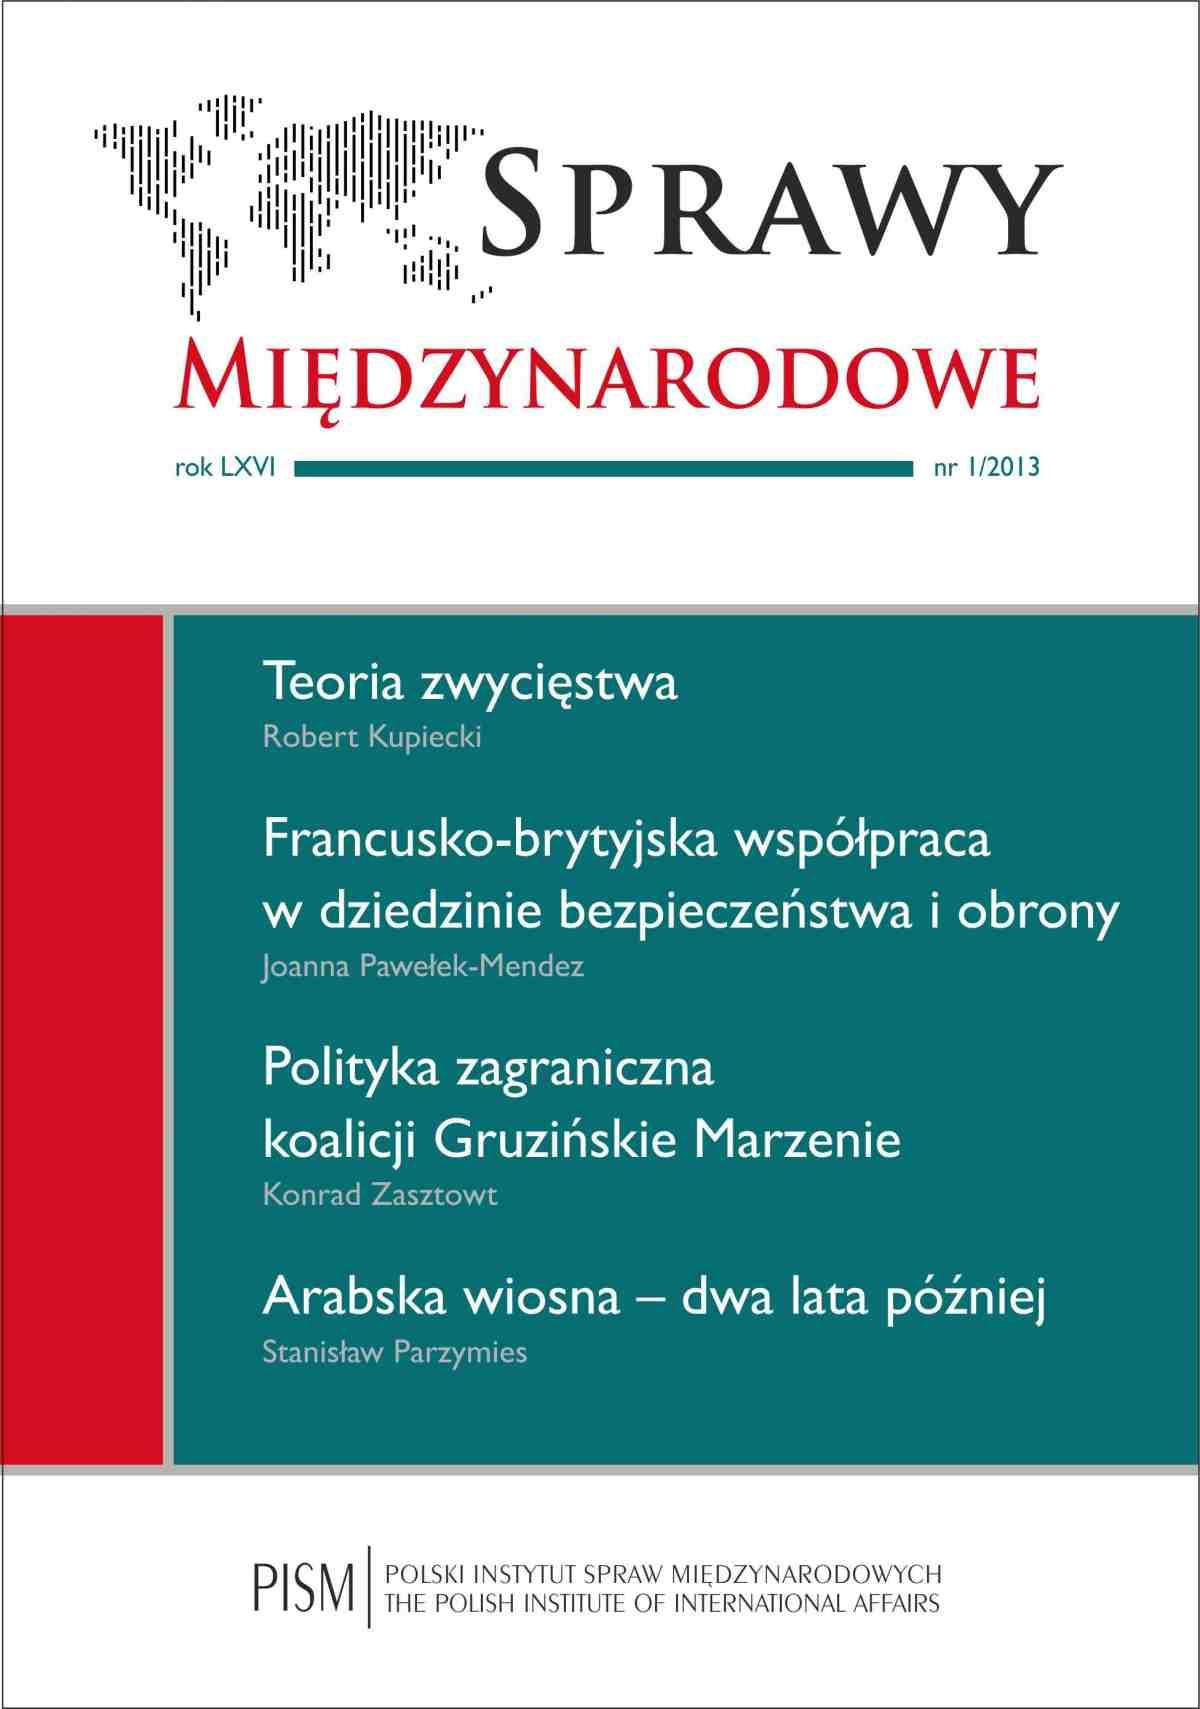 Sprawy Międzynarodowe nr 1/2013 - Ebook (Książka EPUB) do pobrania w formacie EPUB